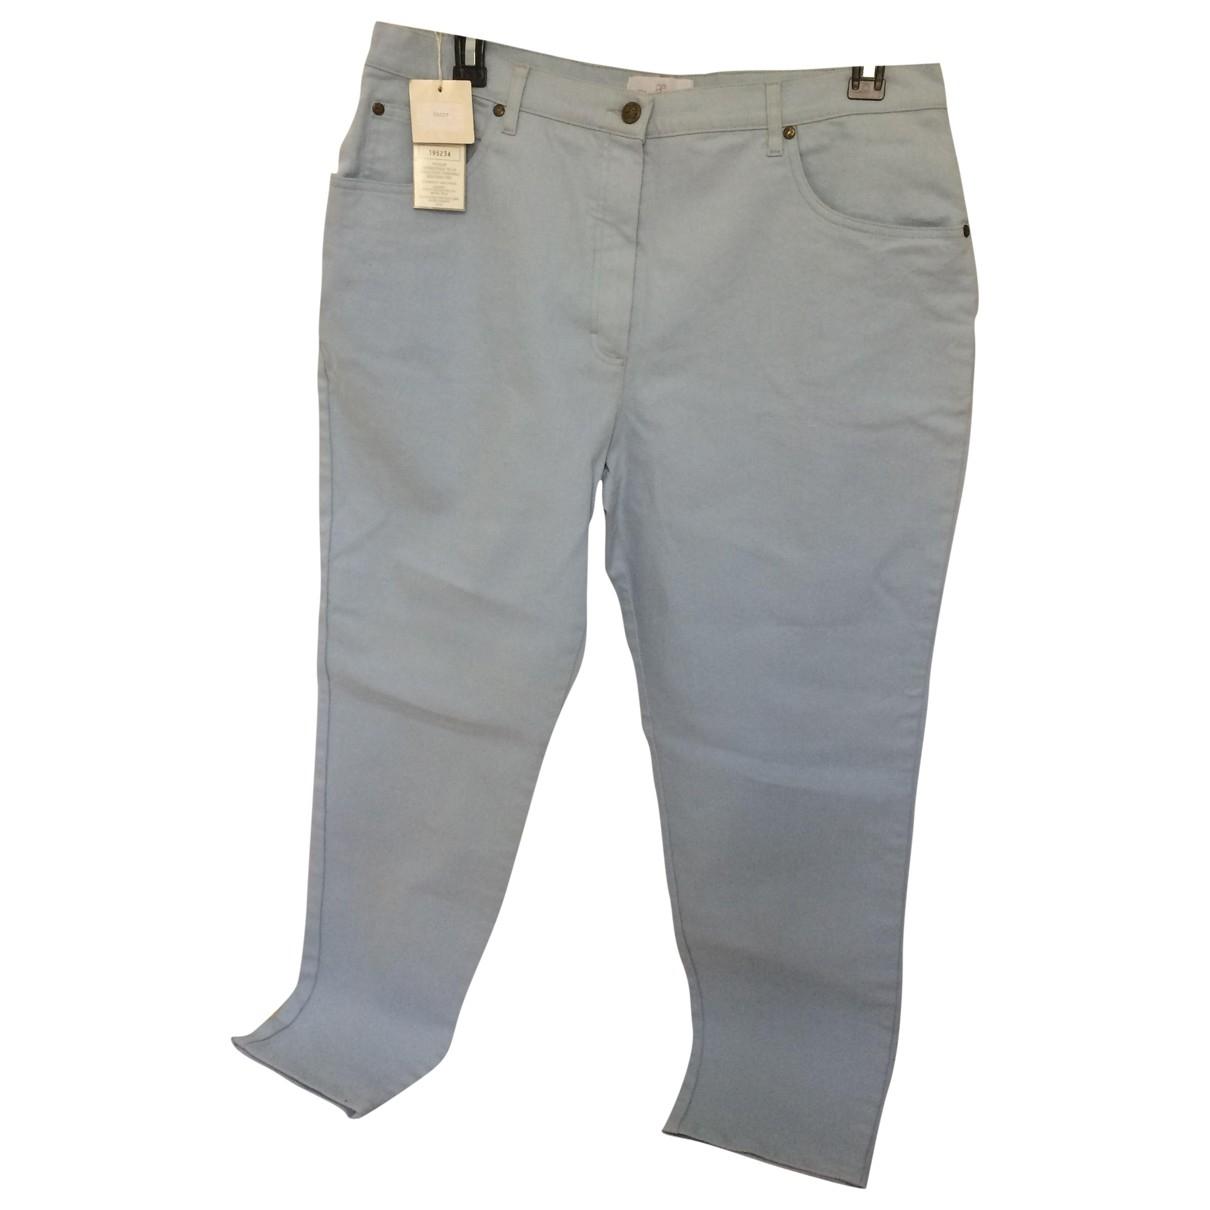 Elegance Paris \N Blue Cotton Trousers for Women 48 FR